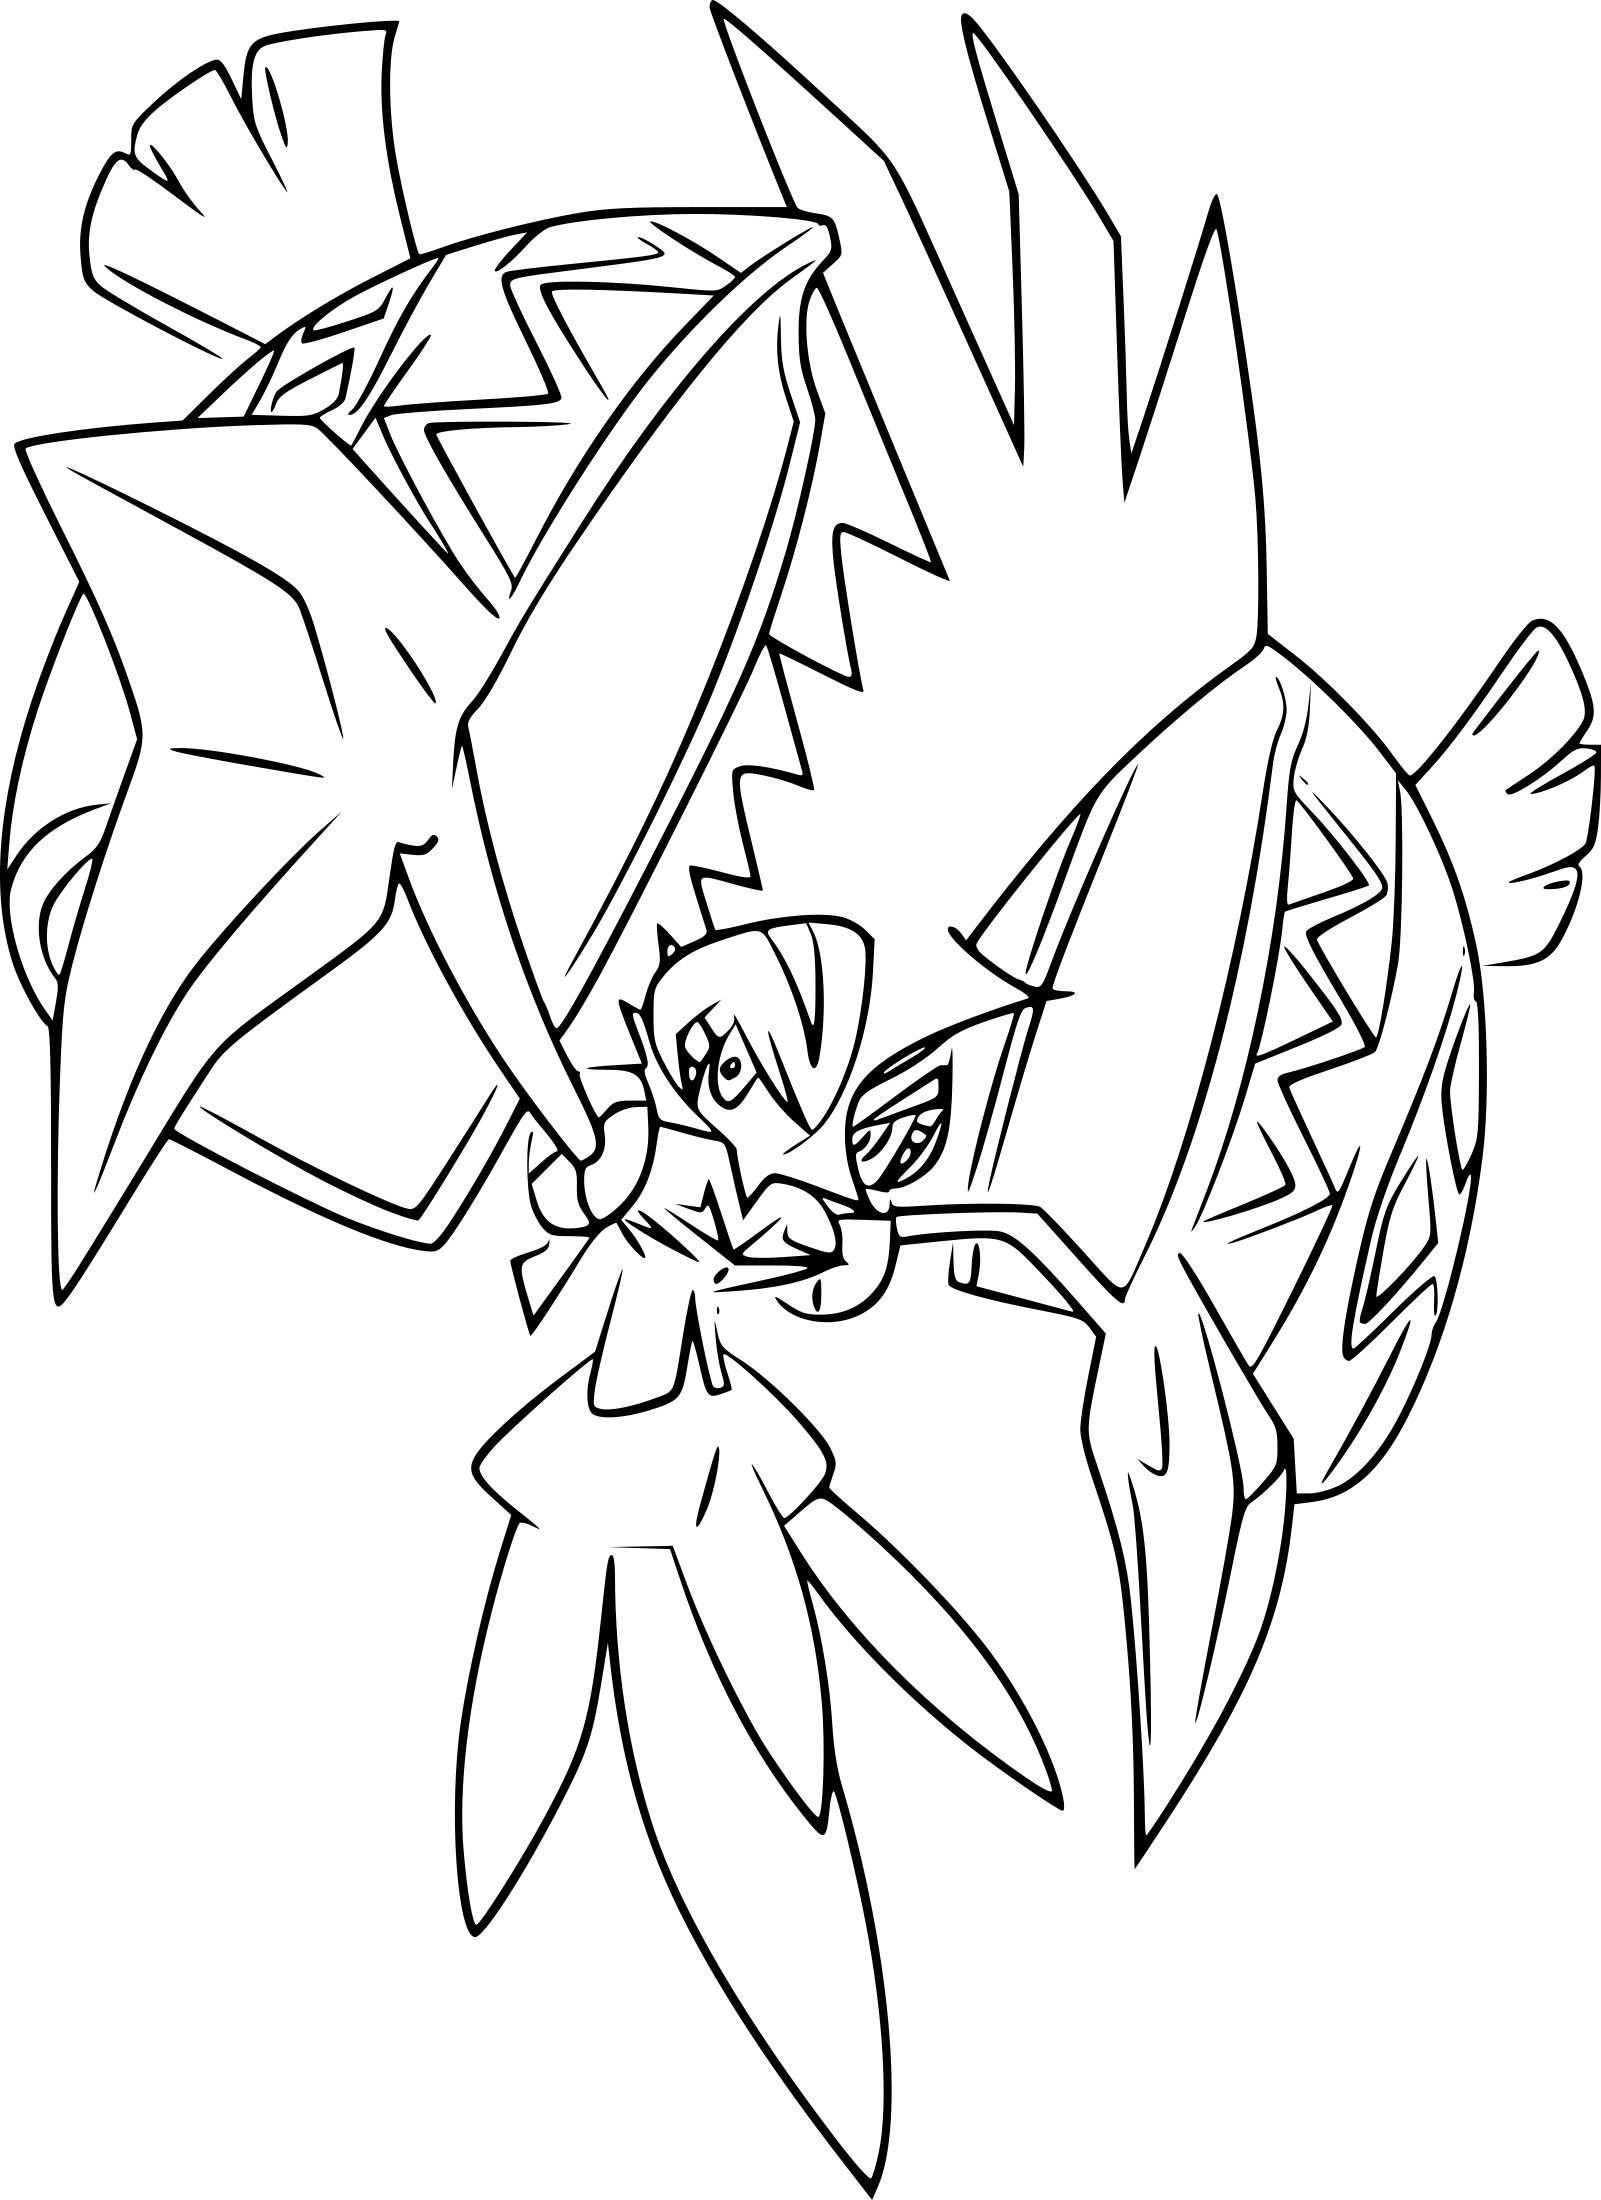 Pokemon Coloring Pages Tapu Koko Met Afbeeldingen Kleurplaten